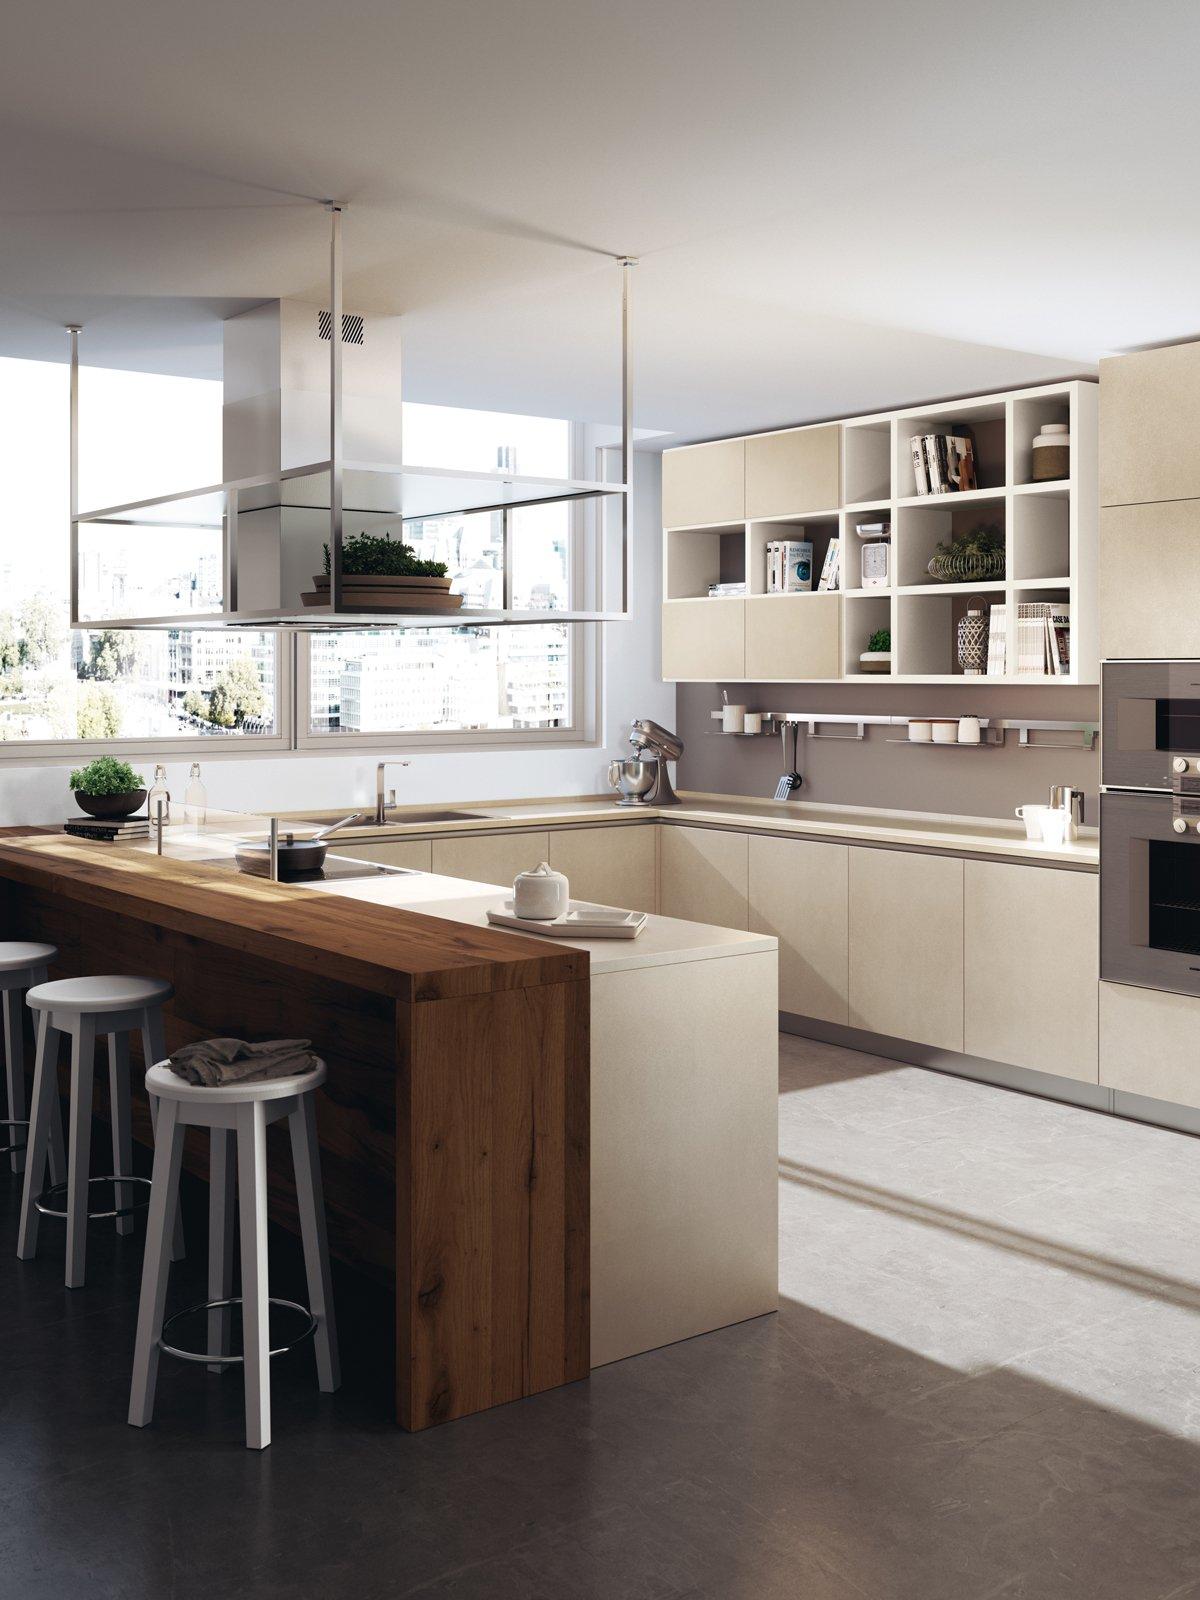 Cucine con grandi piani di lavoro cose di casa - Top cucina in vetro ...